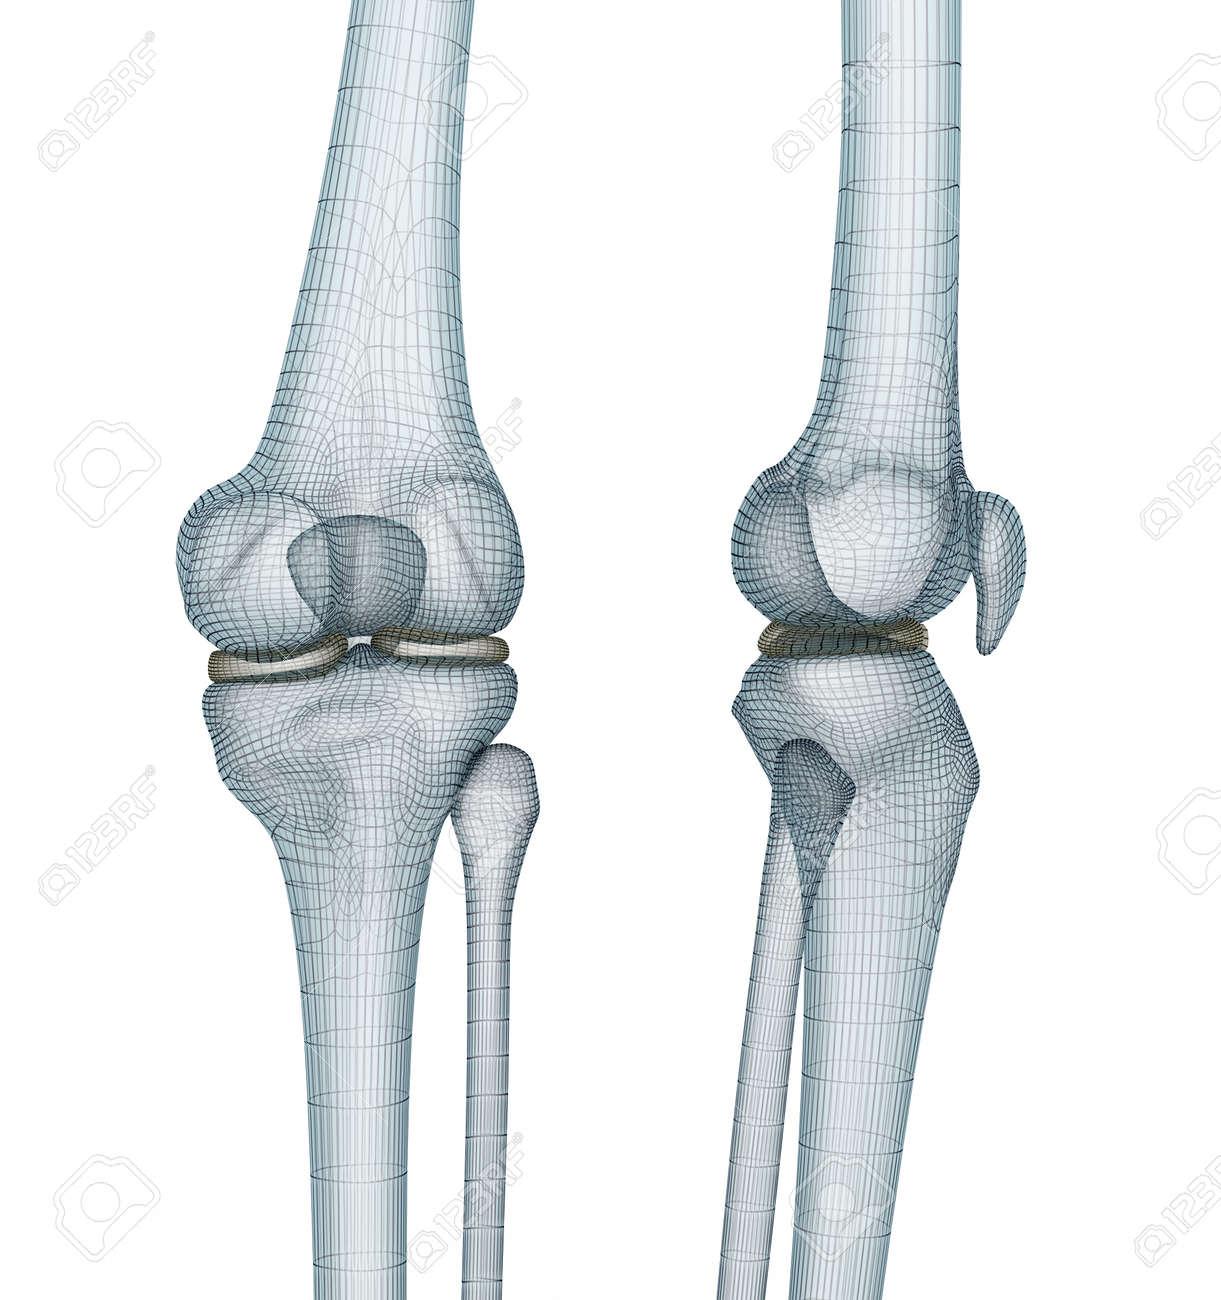 Kniegelenk Anatomie. Ärztlich Genaue Draht 3D-Darstellung ...